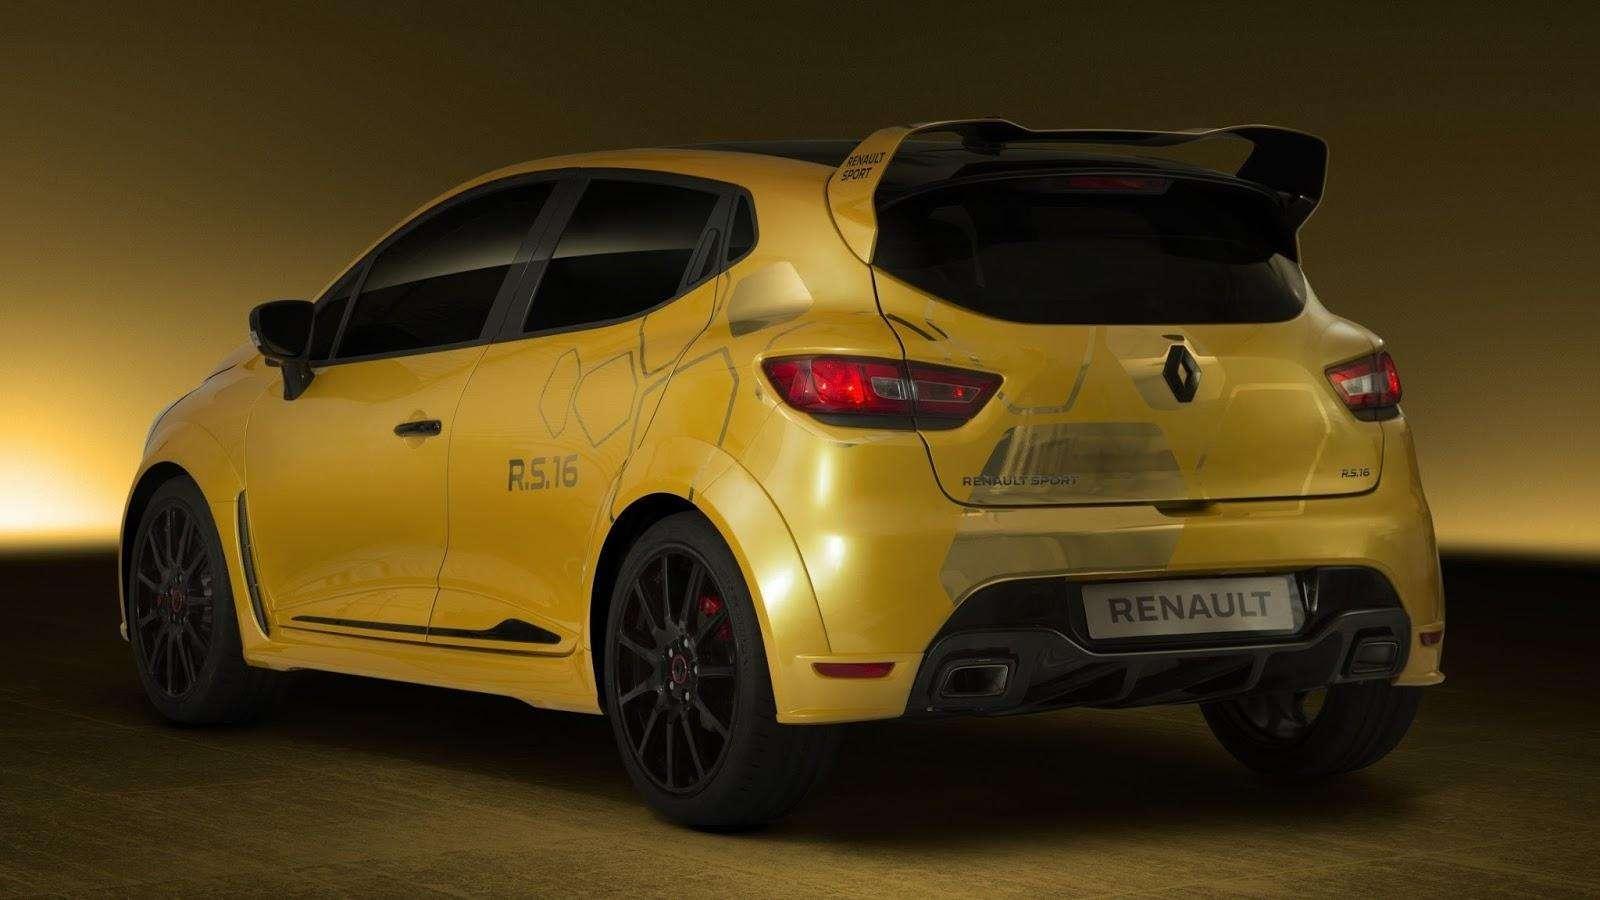 Renault_78768_global_en